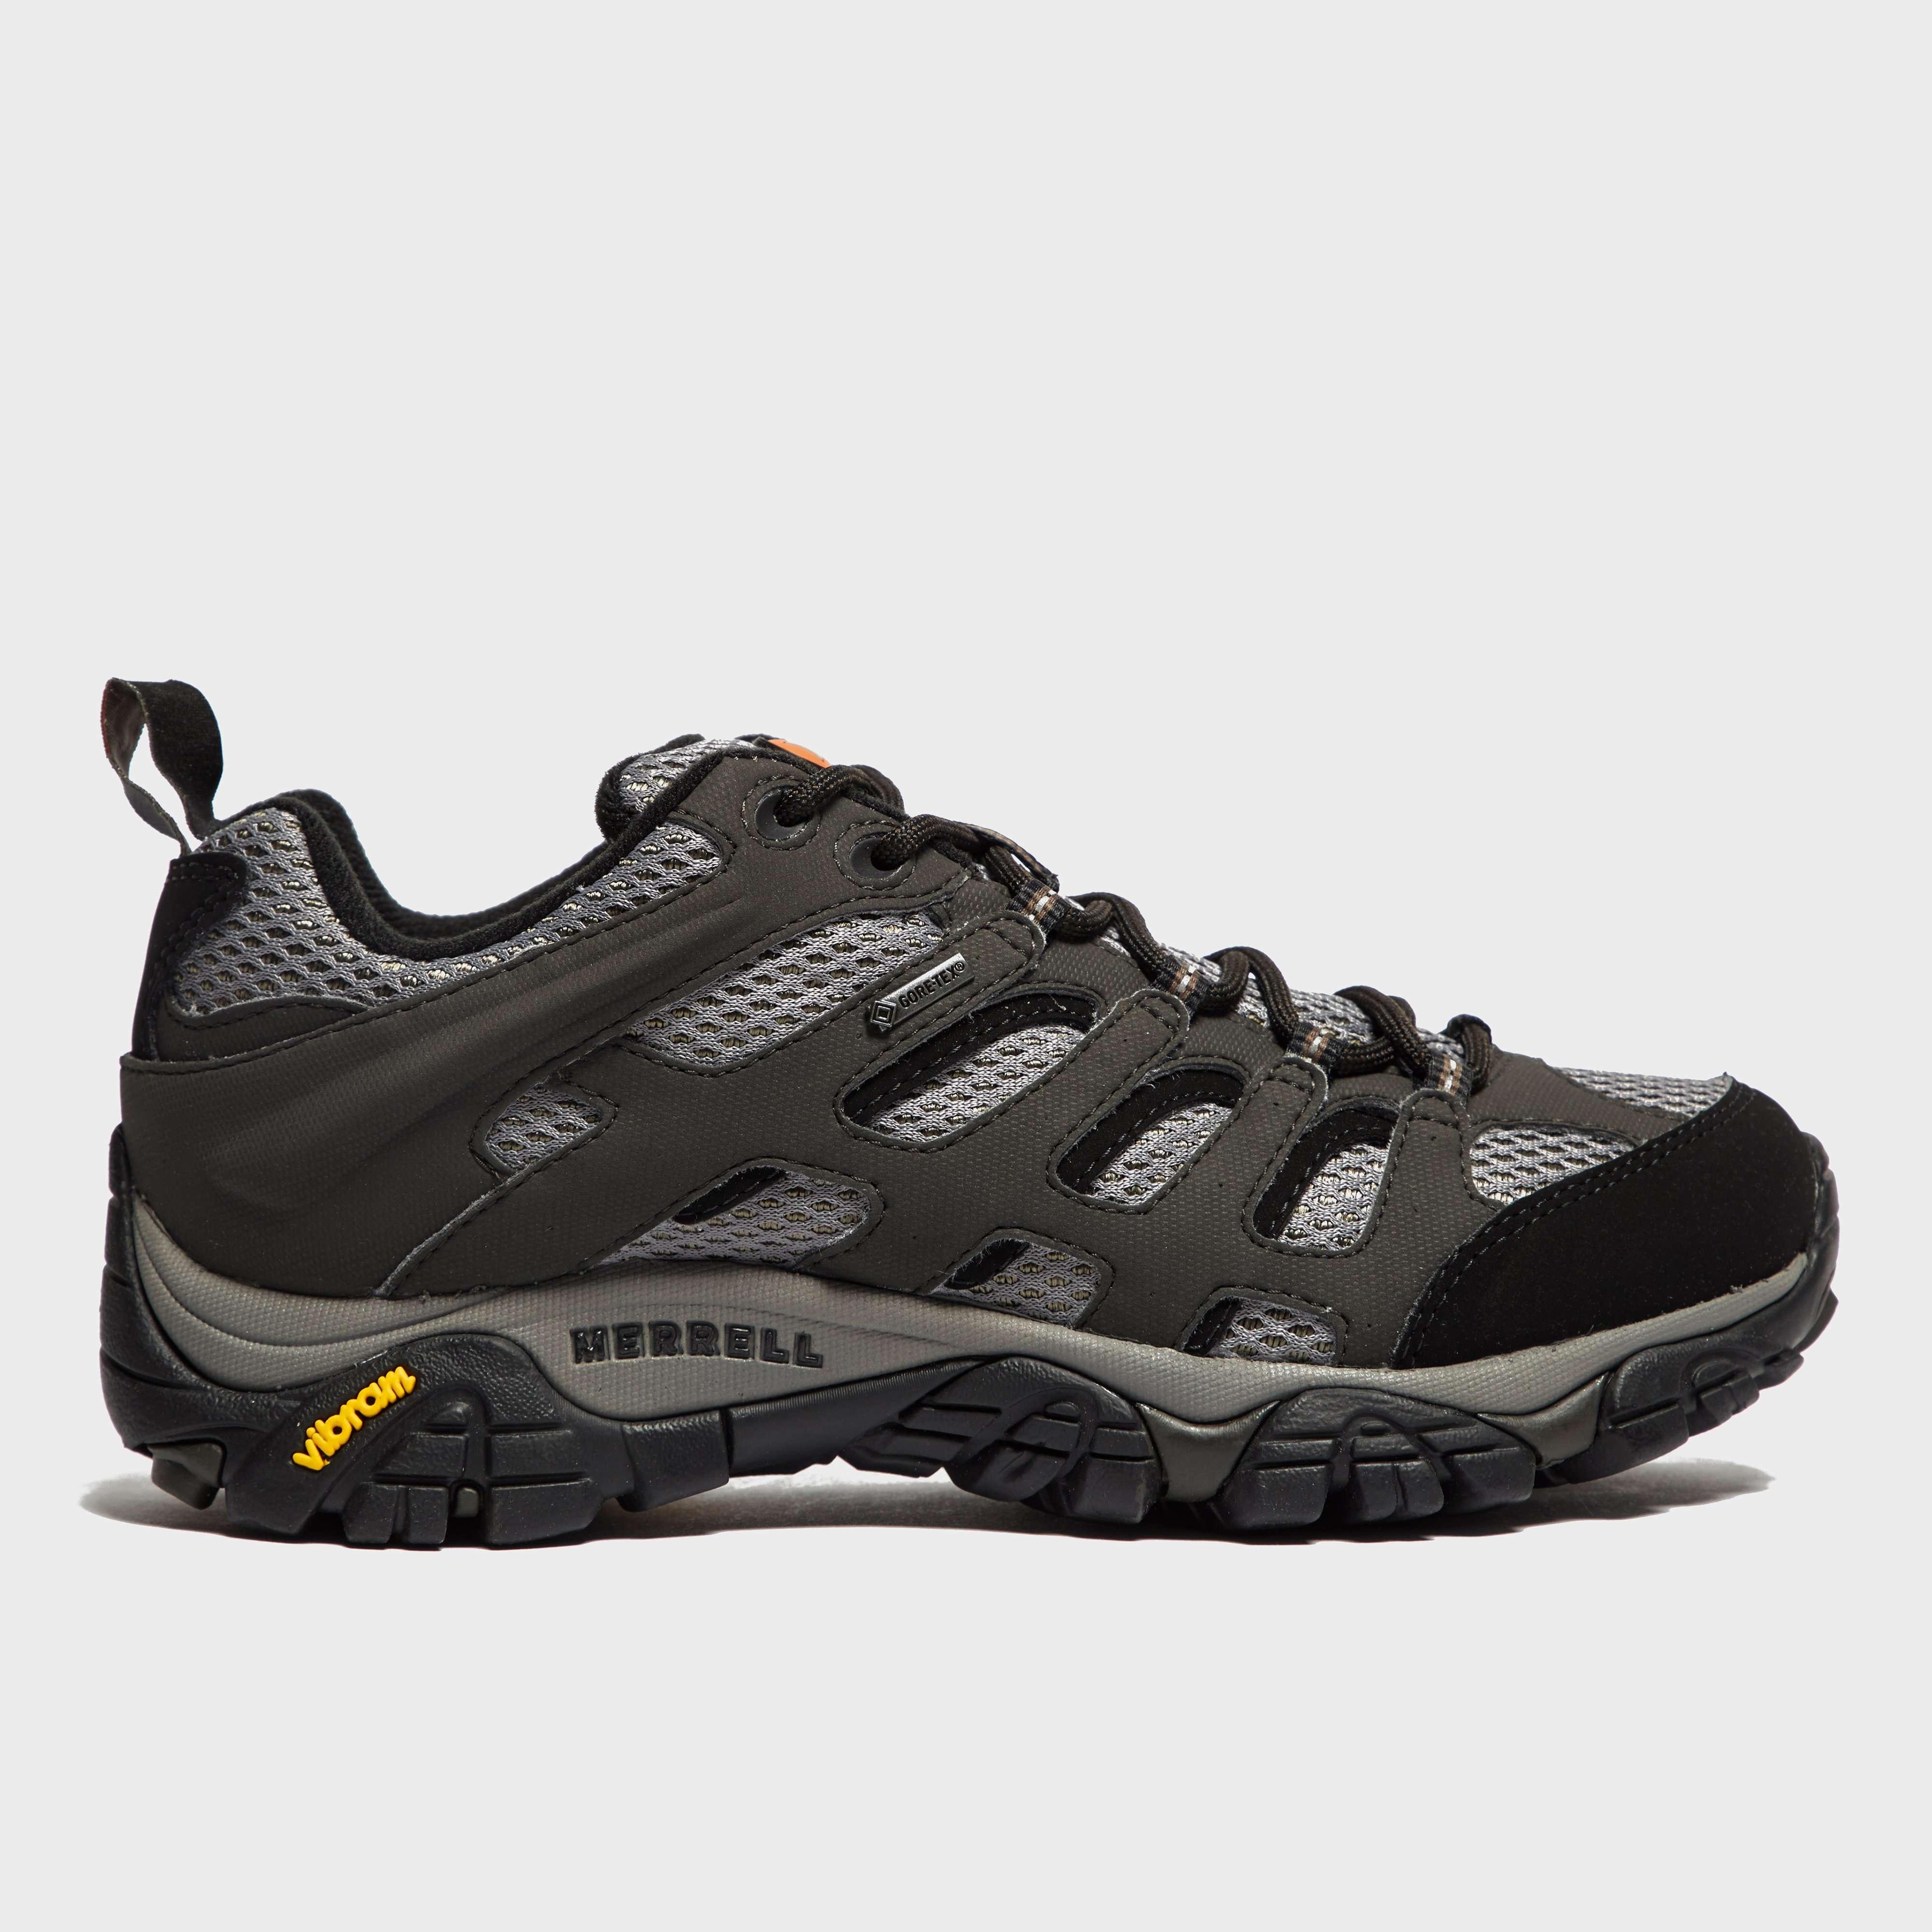 MERRELL Women's Moab GORE-TEX® Walking Shoe